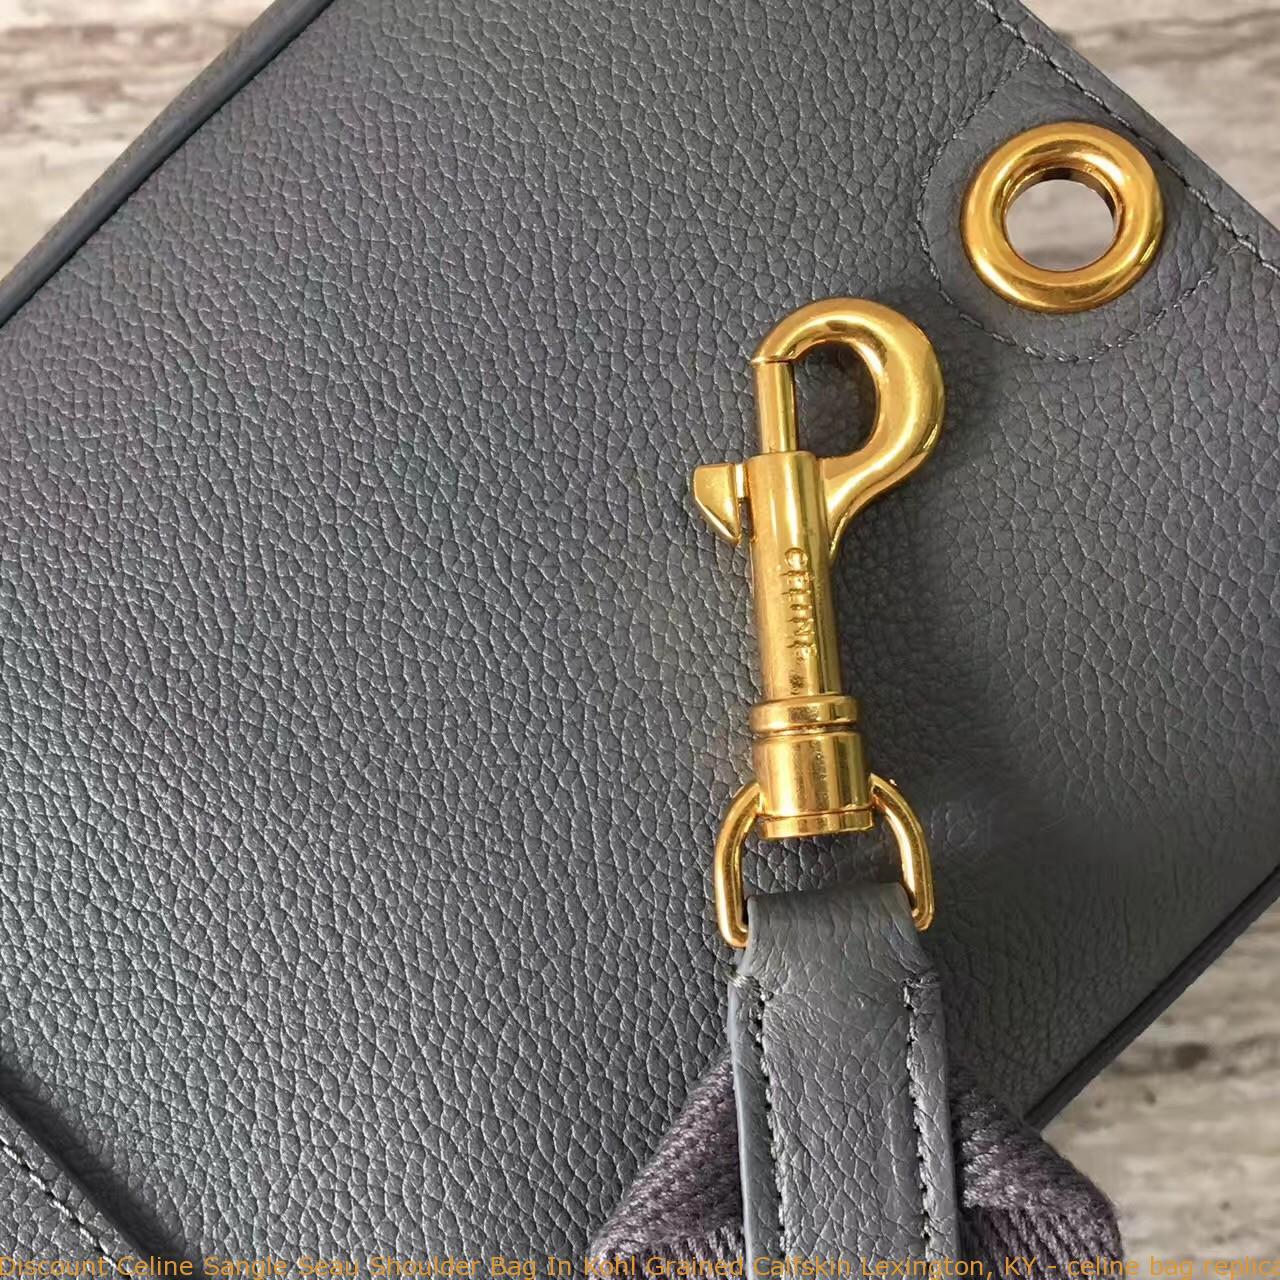 166061d2d8 Discount Celine Sangle Seau Shoulder Bag In Kohl Grained Calfskin ...